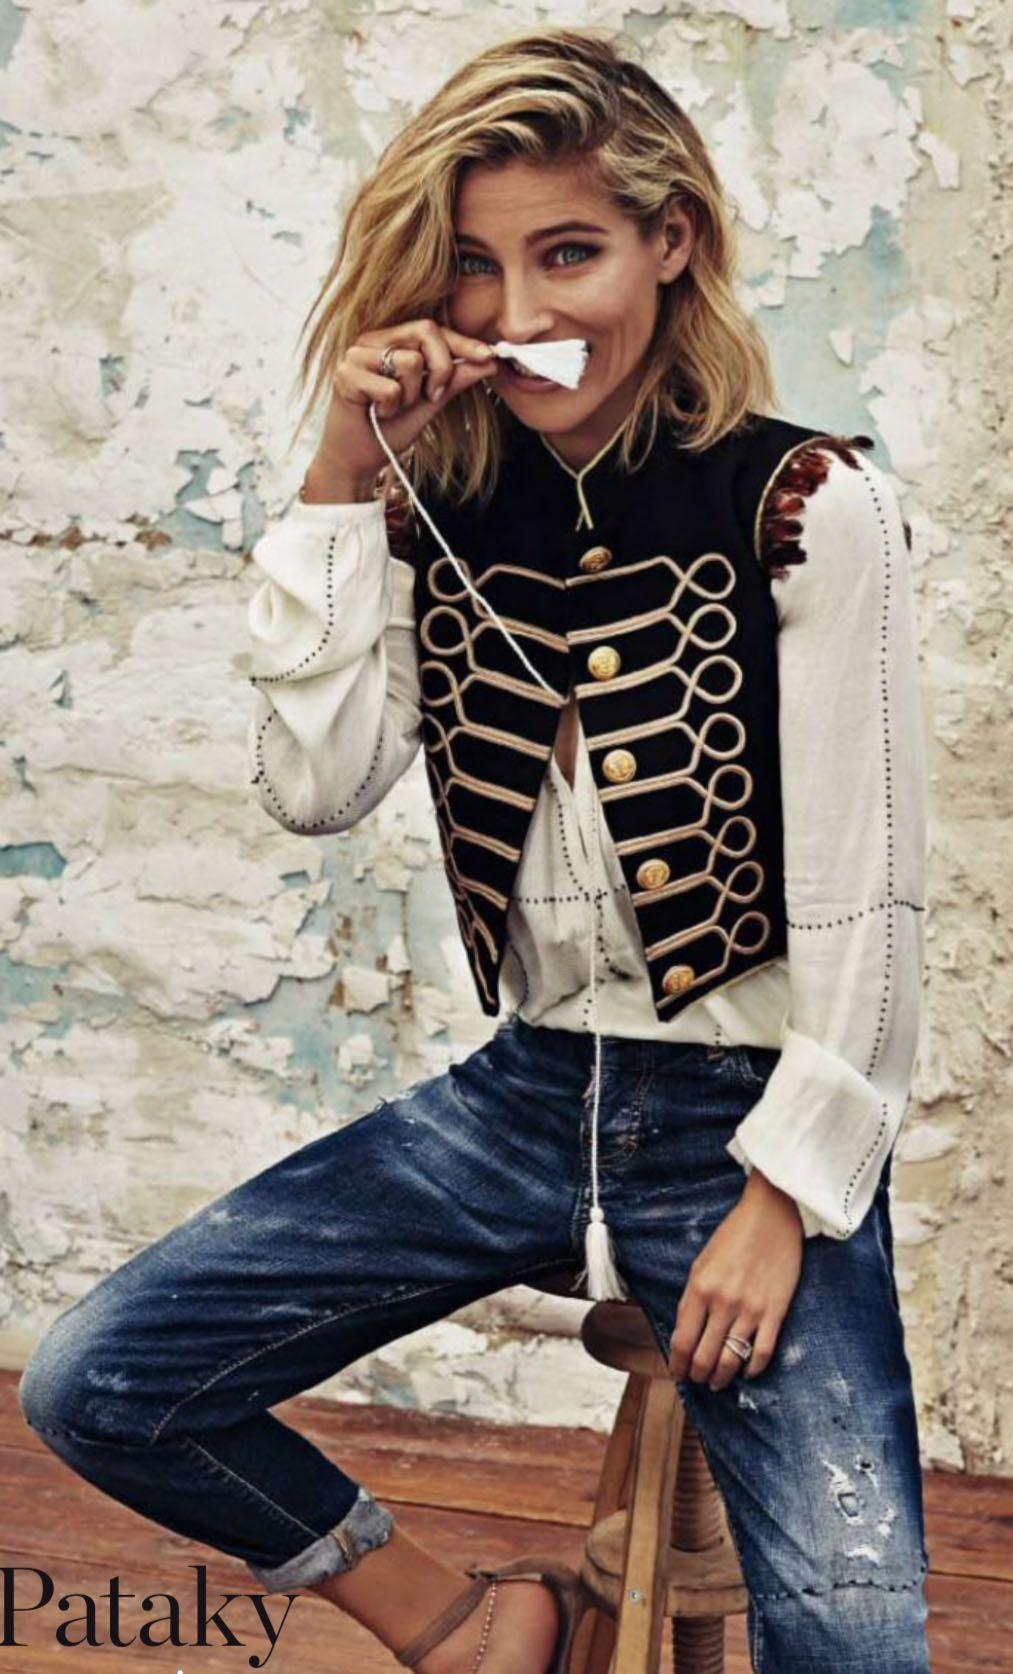 2f4daae1808c0 Elsa Pataky espectacular con Chaleco La Condesa en la revista Elle - A la  venta en carmenhorneros.com